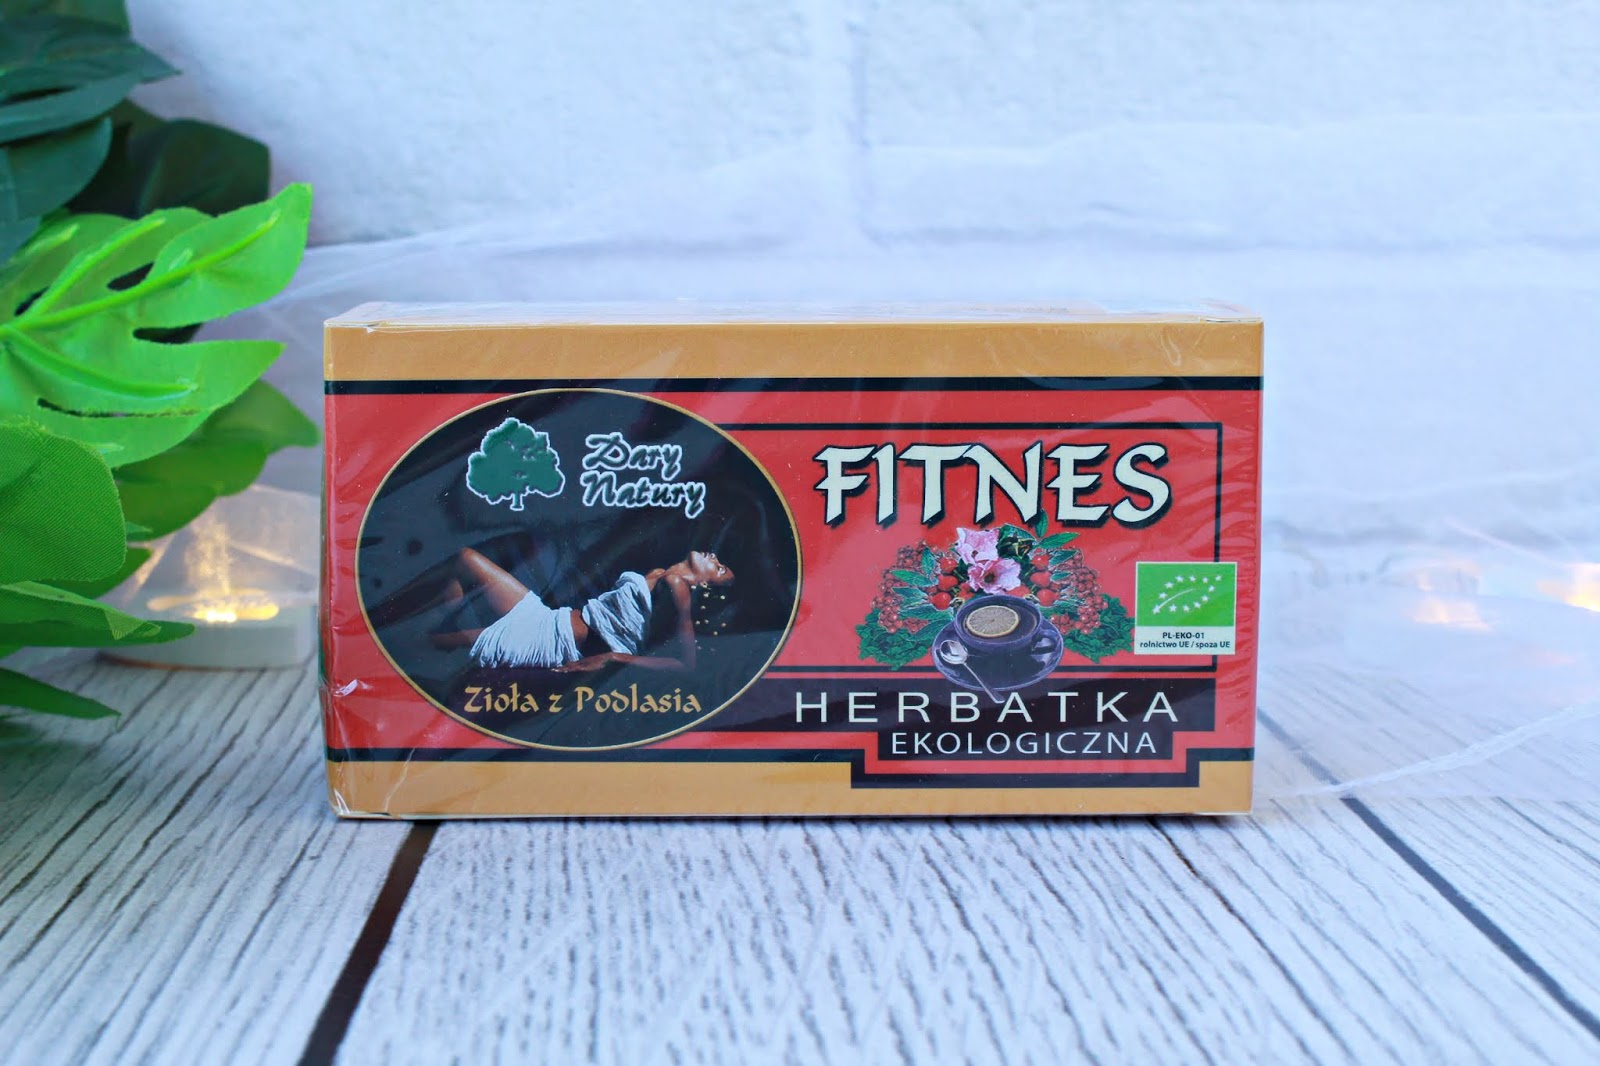 Herbatka ekologiczna dla aktywnych - Dary Natury